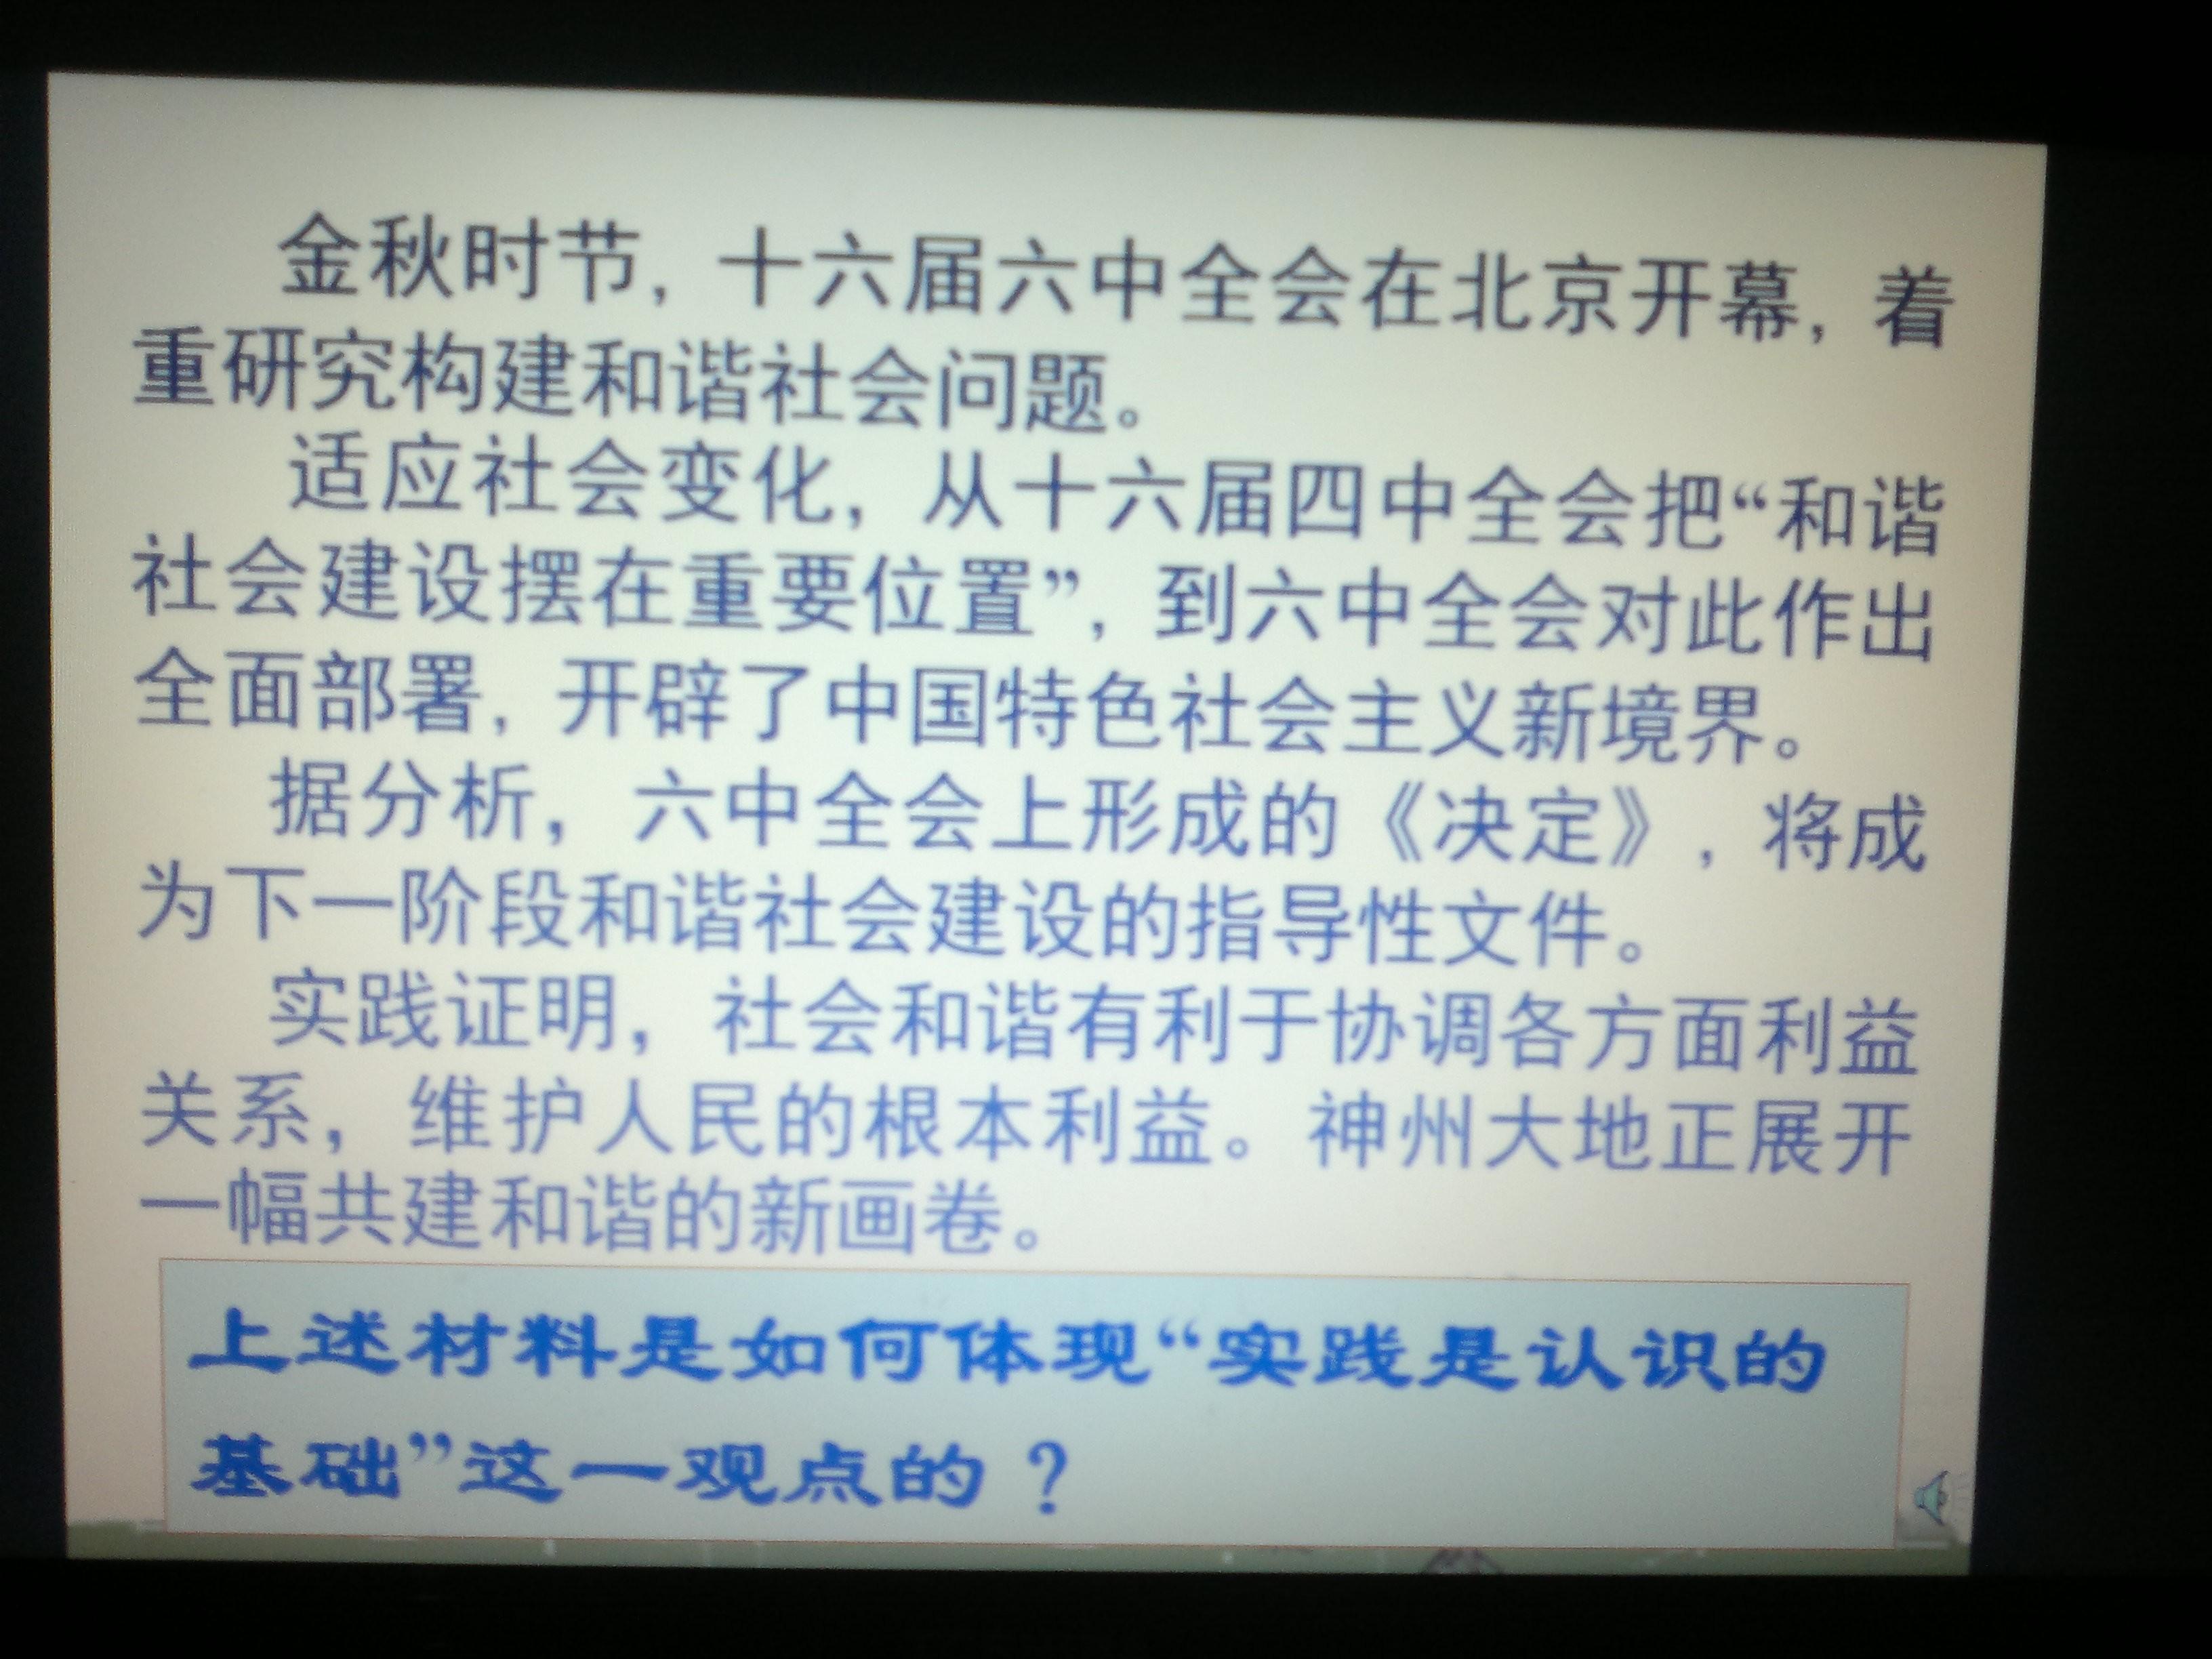 政治简答题_哲学_政治